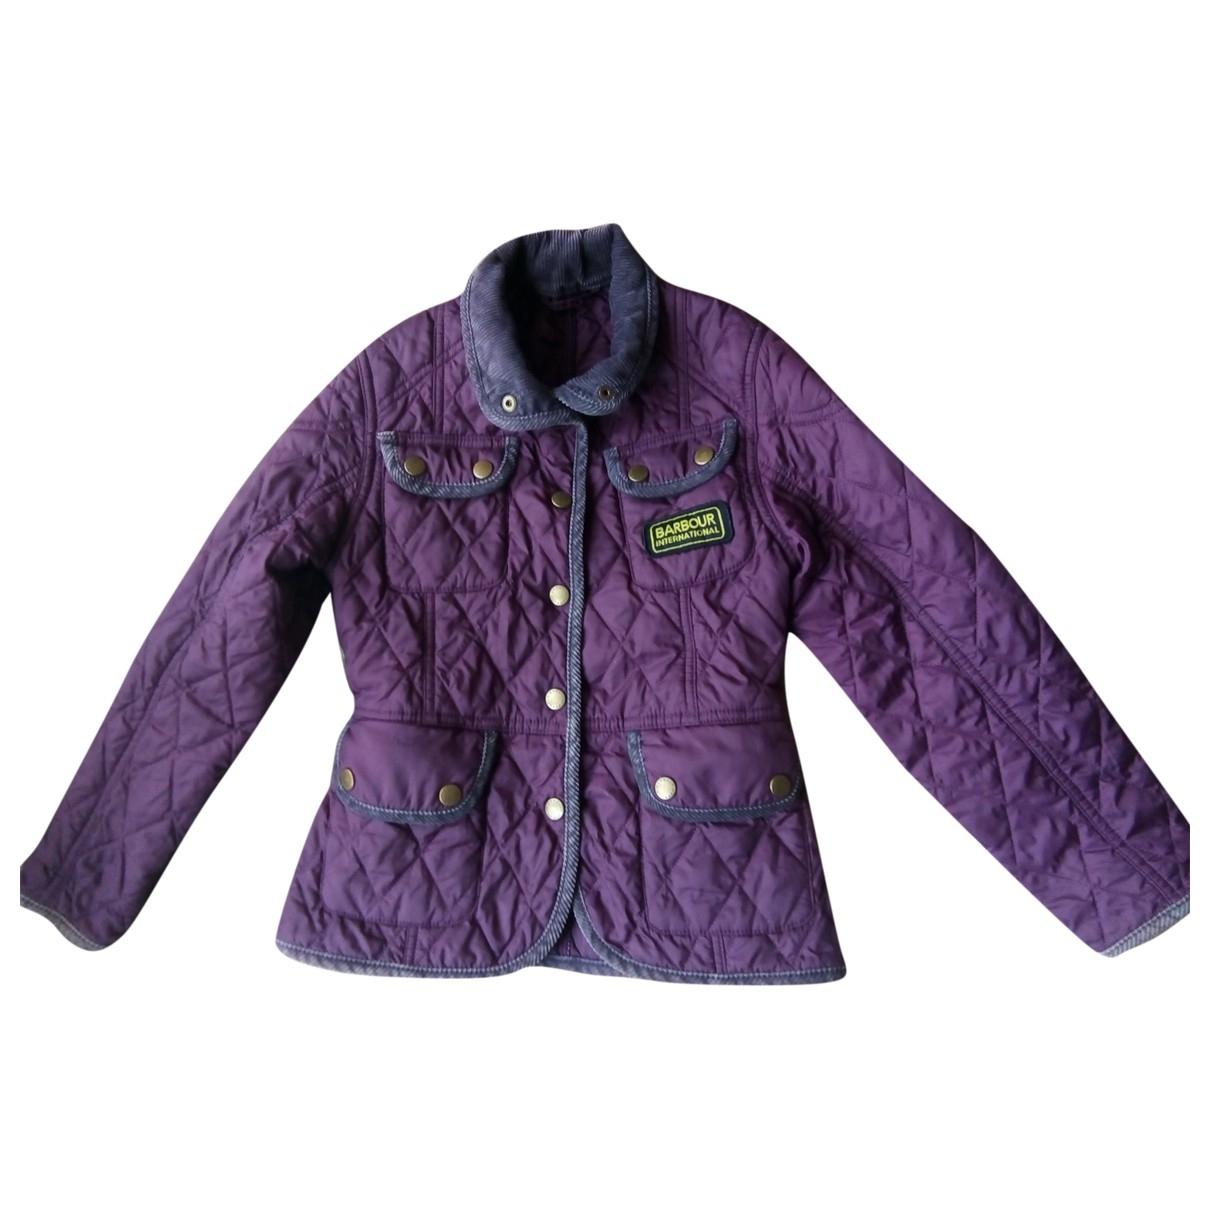 Barbour - Blousons.Manteaux   pour enfant - violet